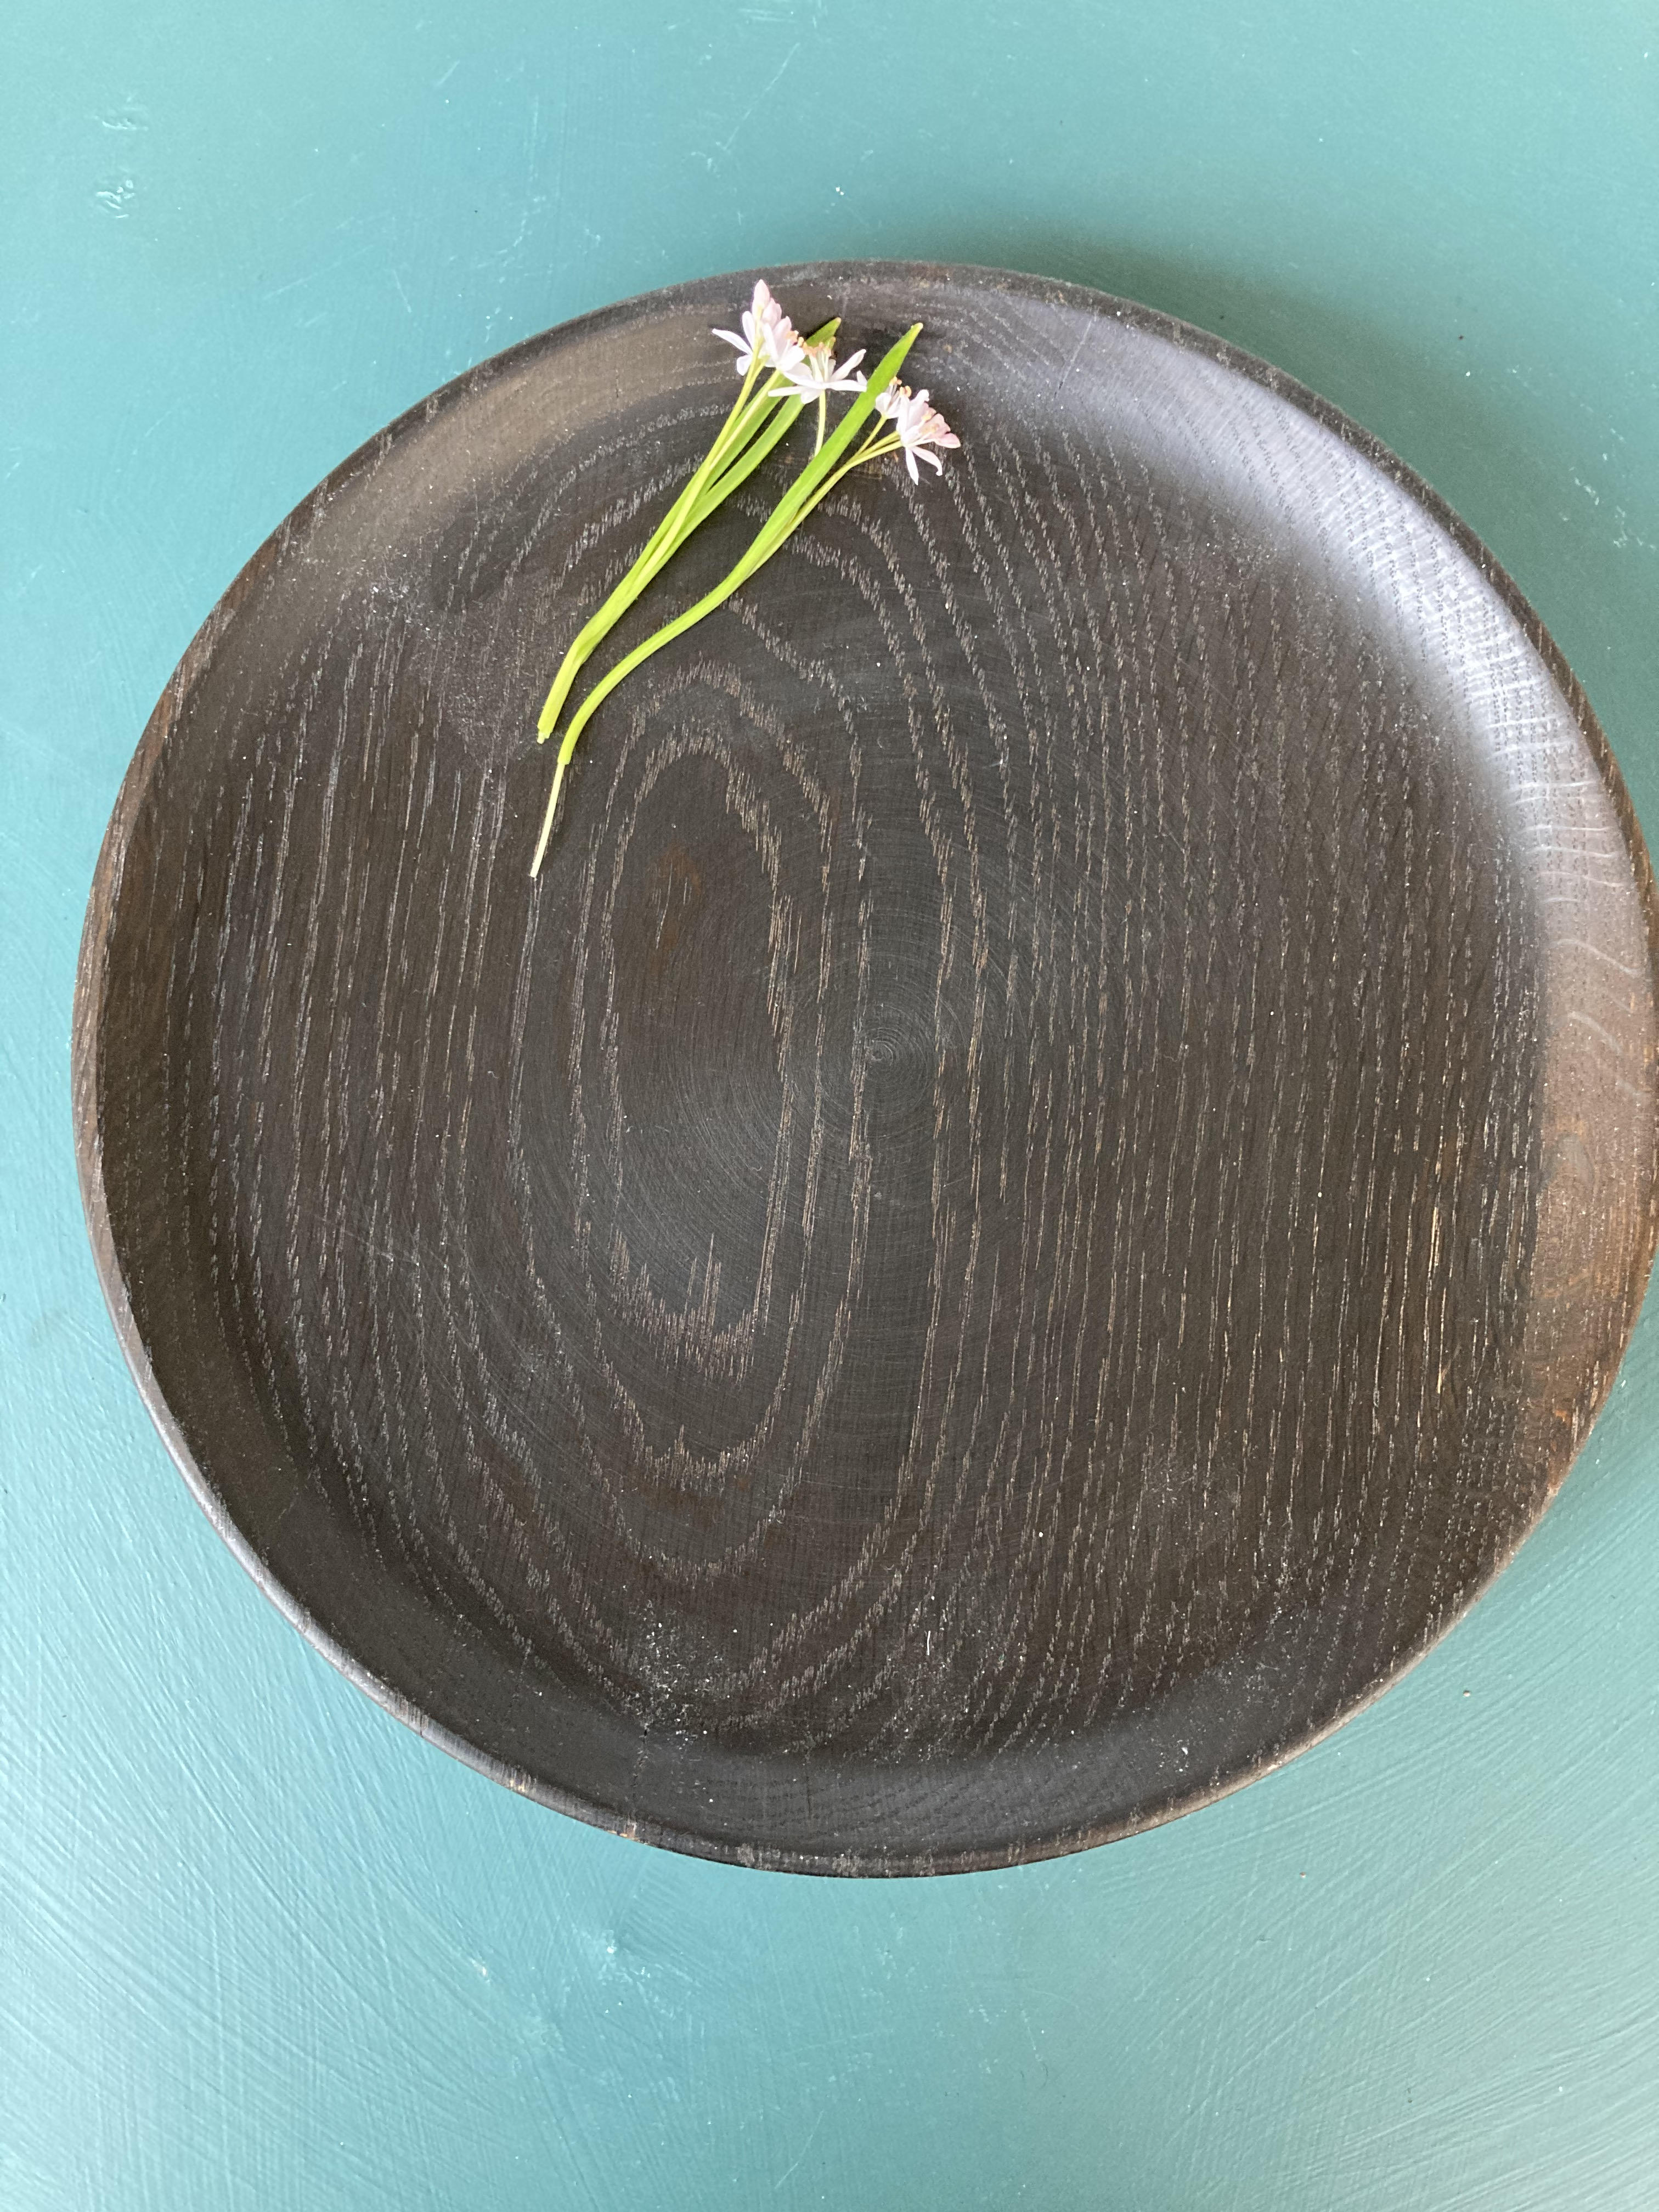 Ett svarvat fat i ek med tydlig ådring, 27 centimeter i diameter. Det är ganska mörkt i färgen eftersom det är svartbetsat, det vill säga bestruket med en vätska som reagerar med garvsyran i ek. Man blandar vatten och ättika in glasburk och lägger i järn, i det här fallet rostiga spikar, som får ligga en tid tills det bildas ett oljigt lager på ytan. Då är det färdigt att strykas på träet med en pensel. Ju fler gånger man stryker, desto mörkare blir ytan. Ett brunt fat står på en turkos yta. På fatet ligger några små rosa blommor.